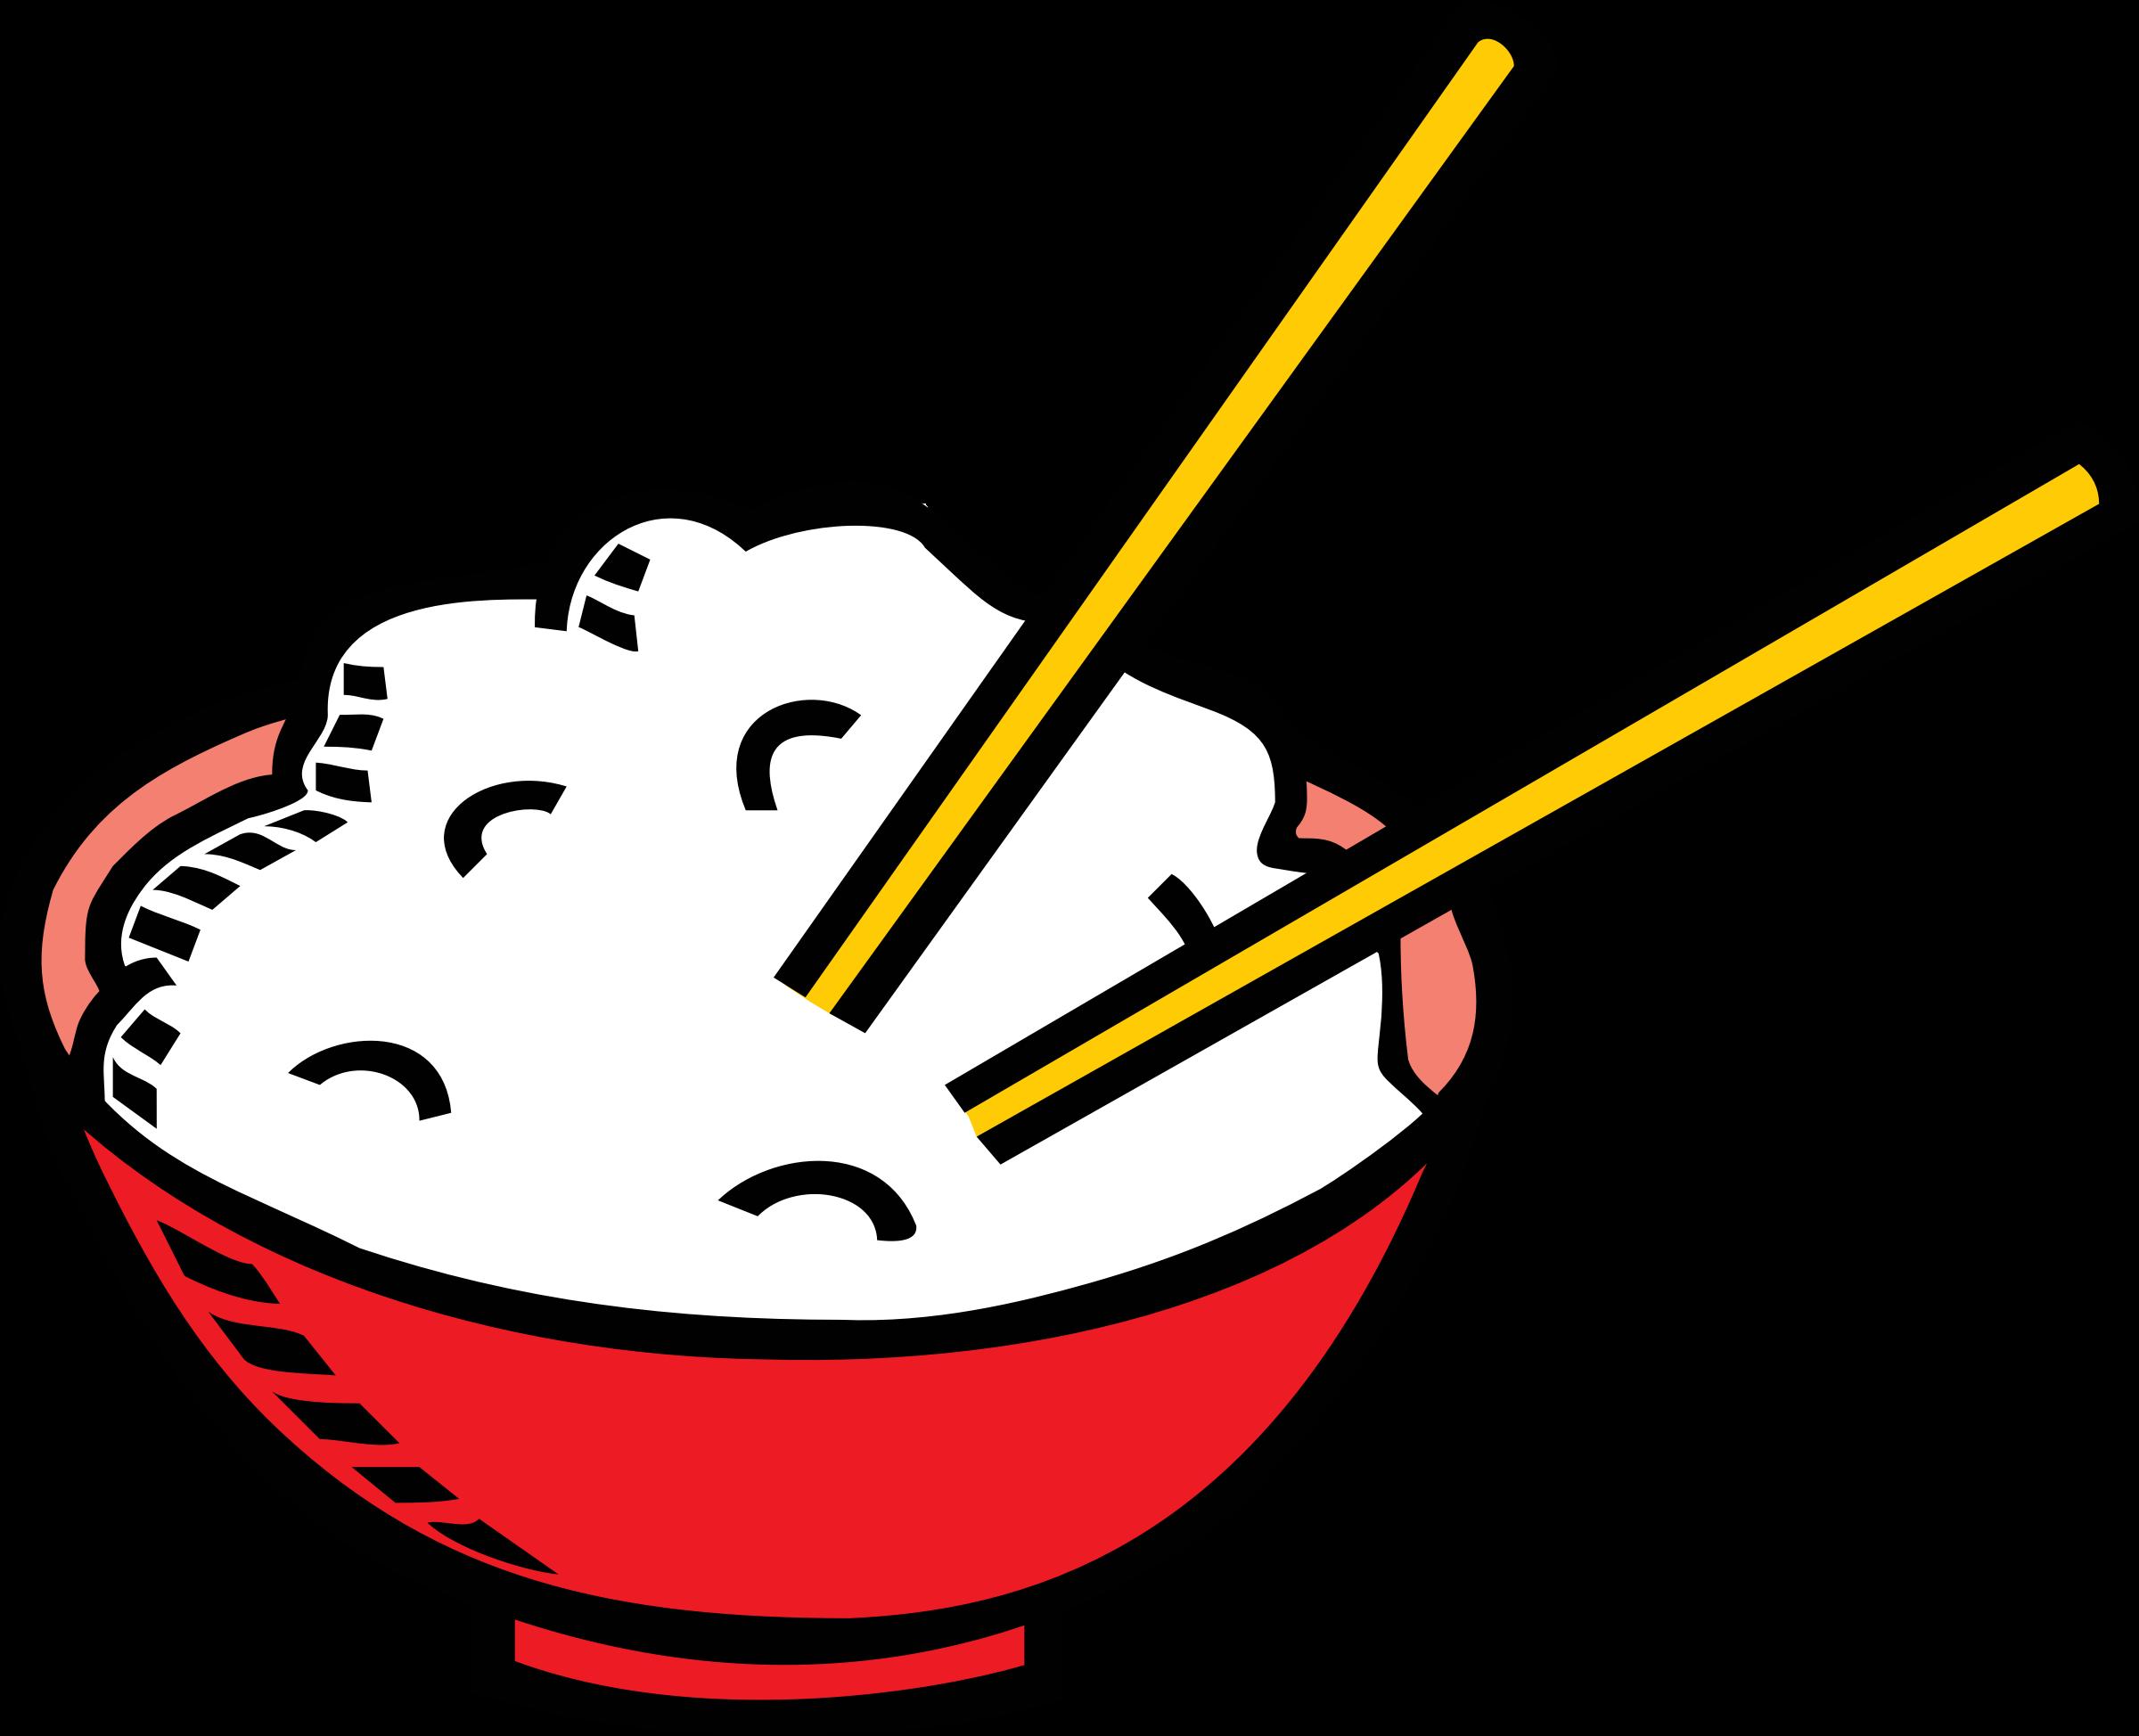 Chopsticks clipart Art Download Art Clipart Free